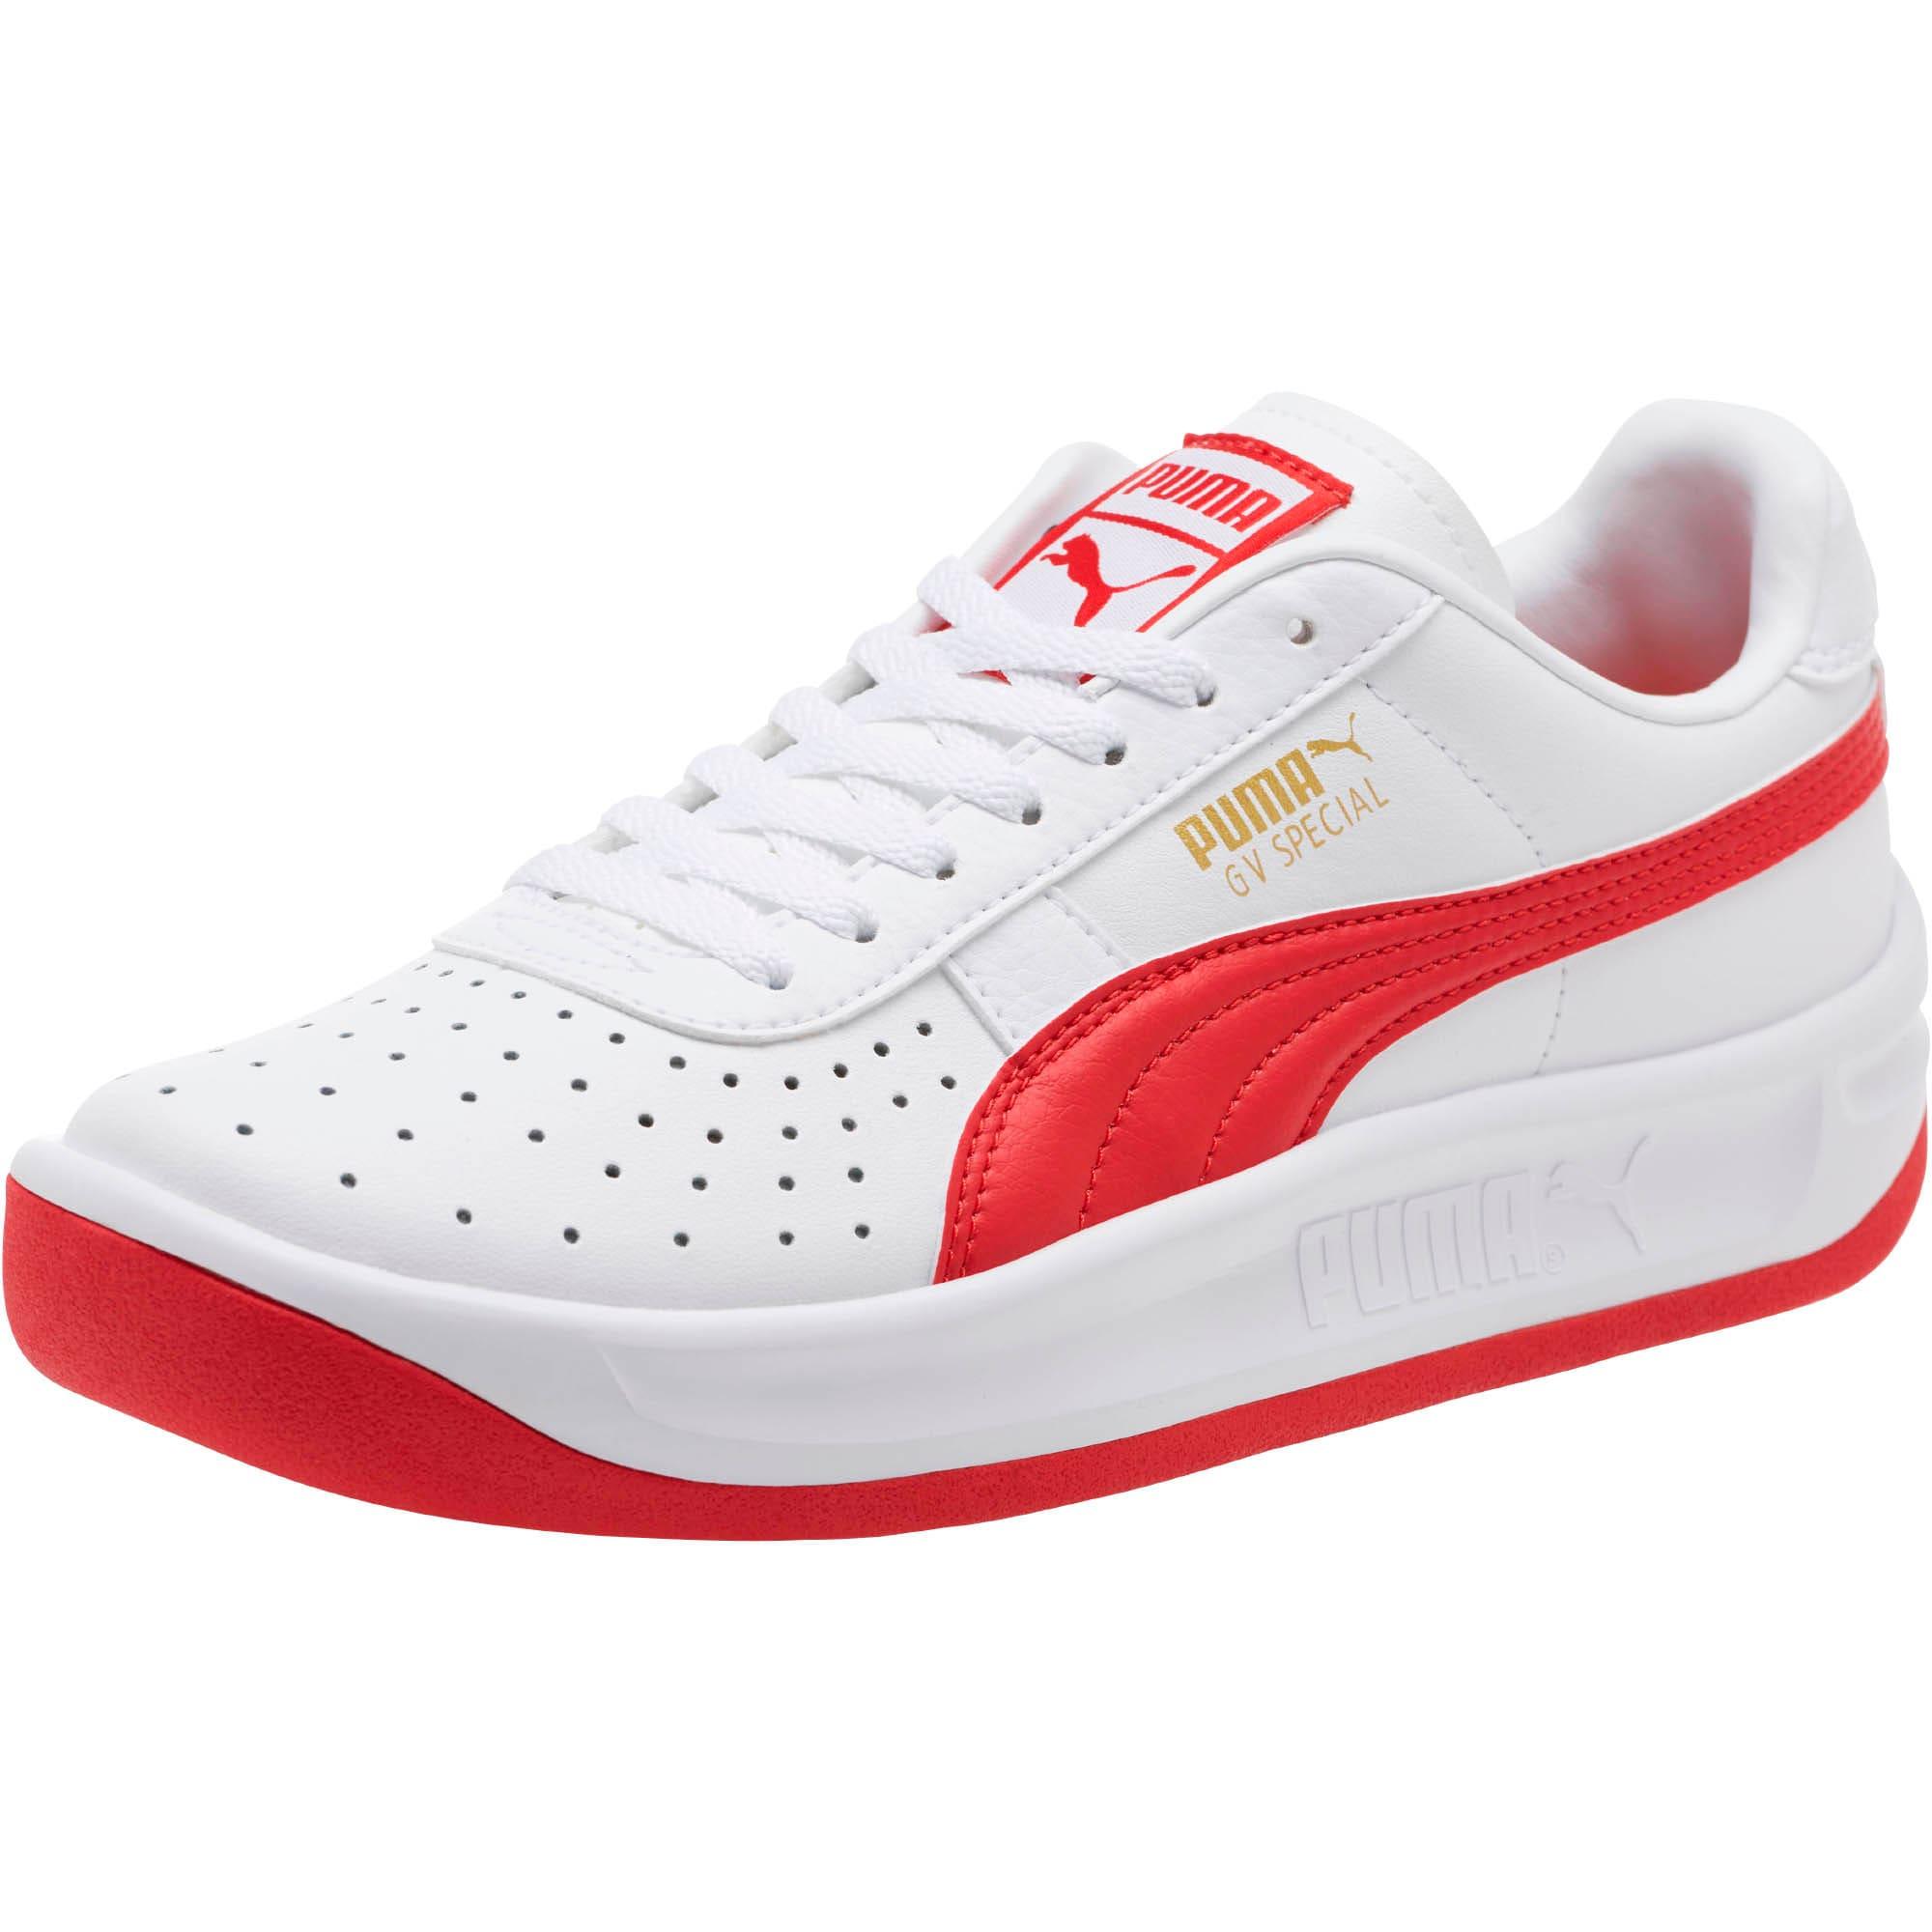 Miniatura 1 de Zapatos deportivos GV Special JR, Puma White-Ribbon Red, mediano